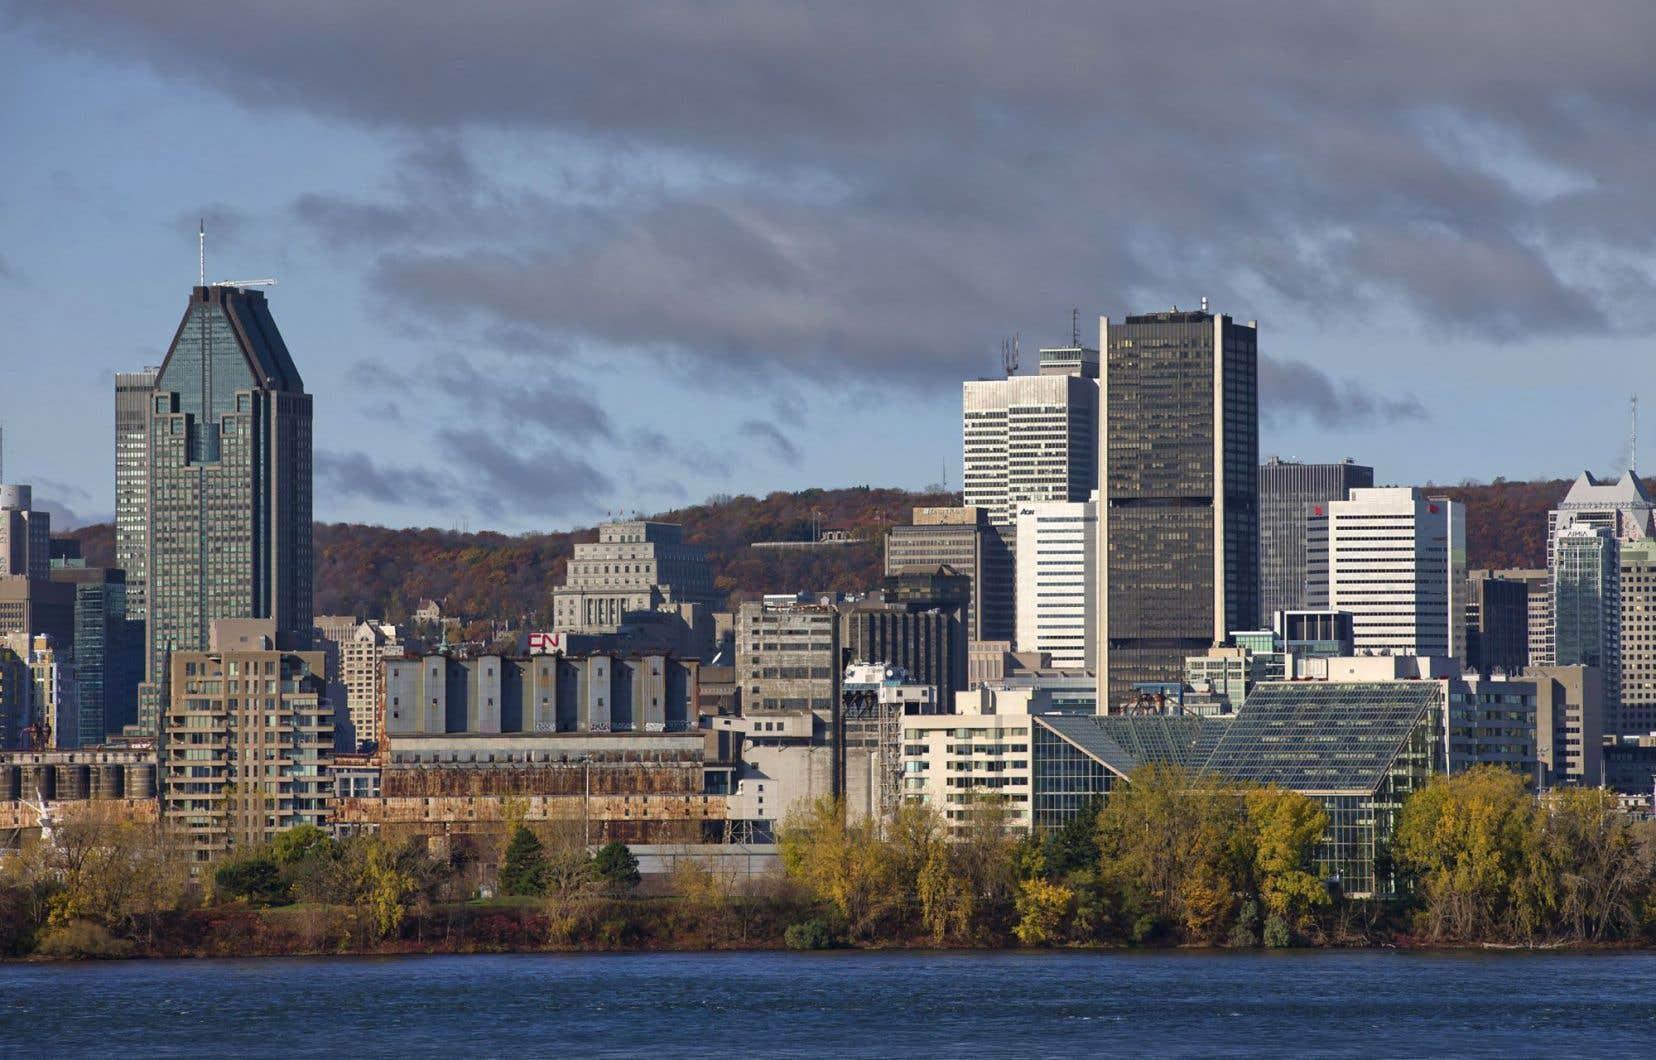 L'engouement suscité par Montréal pour le tourisme d'affaires provient notamment de sa réputation de ville attrayante, où il est possible de faire la fête.